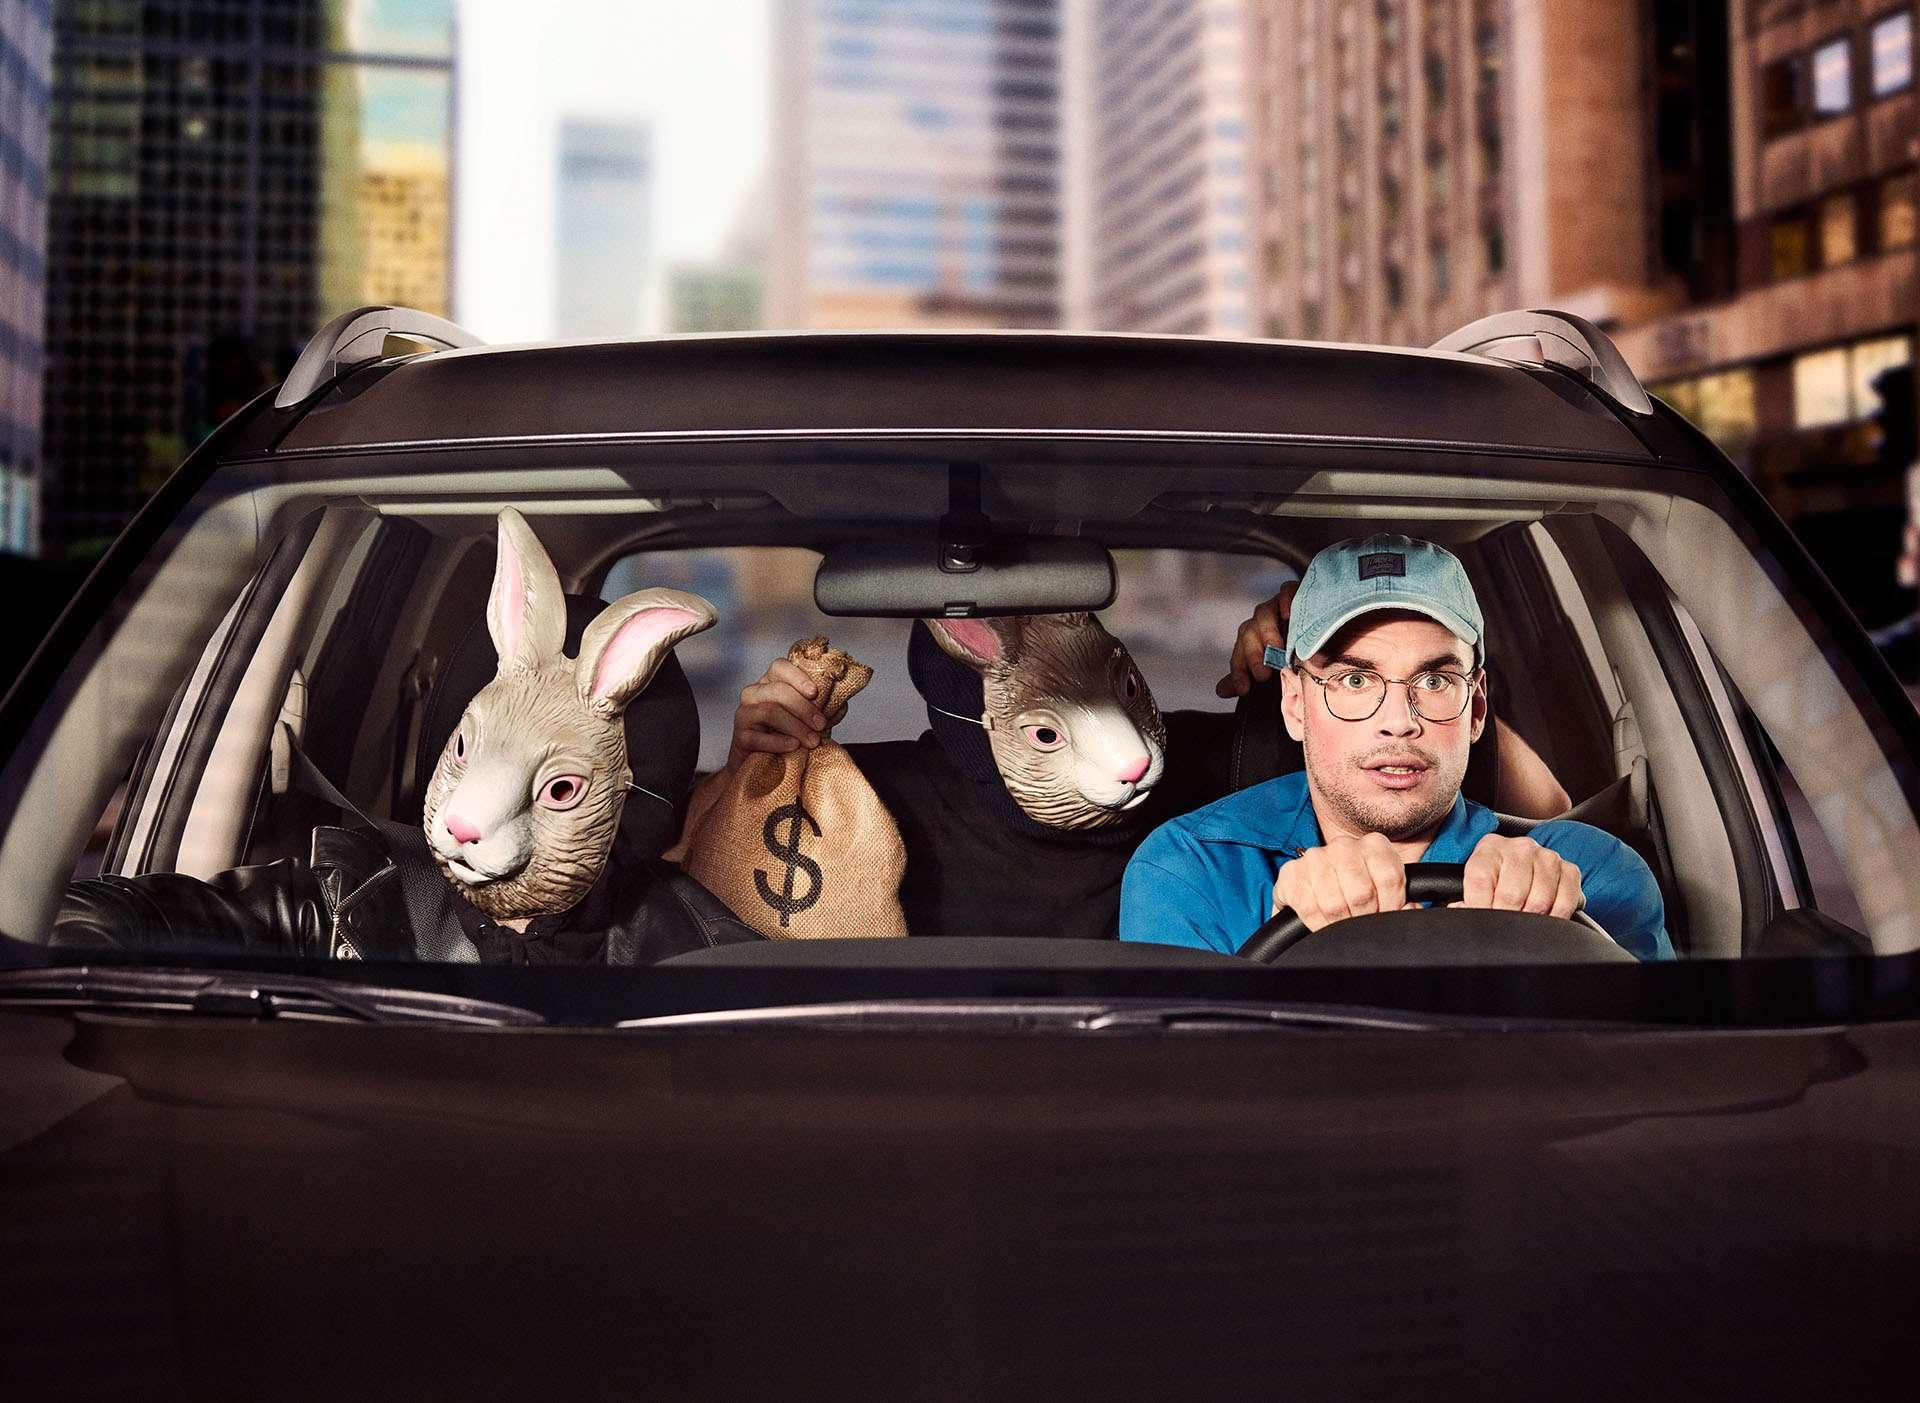 deux garçons dans une voiture l'un voulant faire un high five et l'autre un check, rendant la situation gênante par Jocelyn Michel pour Netlift